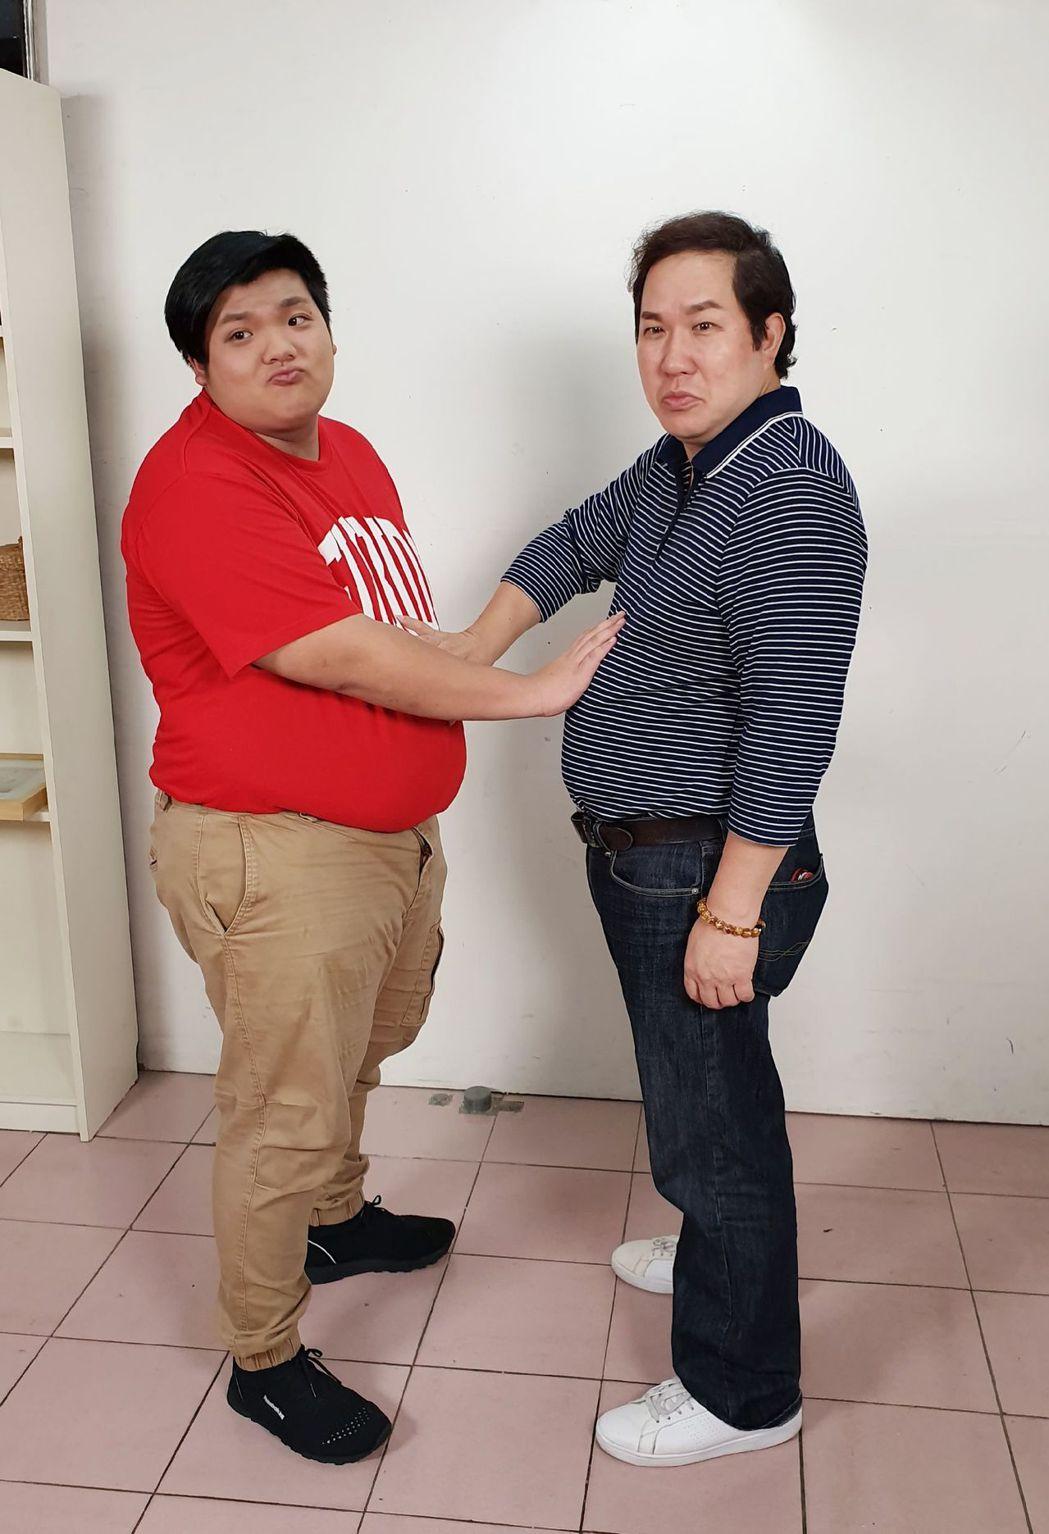 劉爾金和18歲兒子劉旭康之前胖到互摸大肚腩。圖/杰艾恩提供